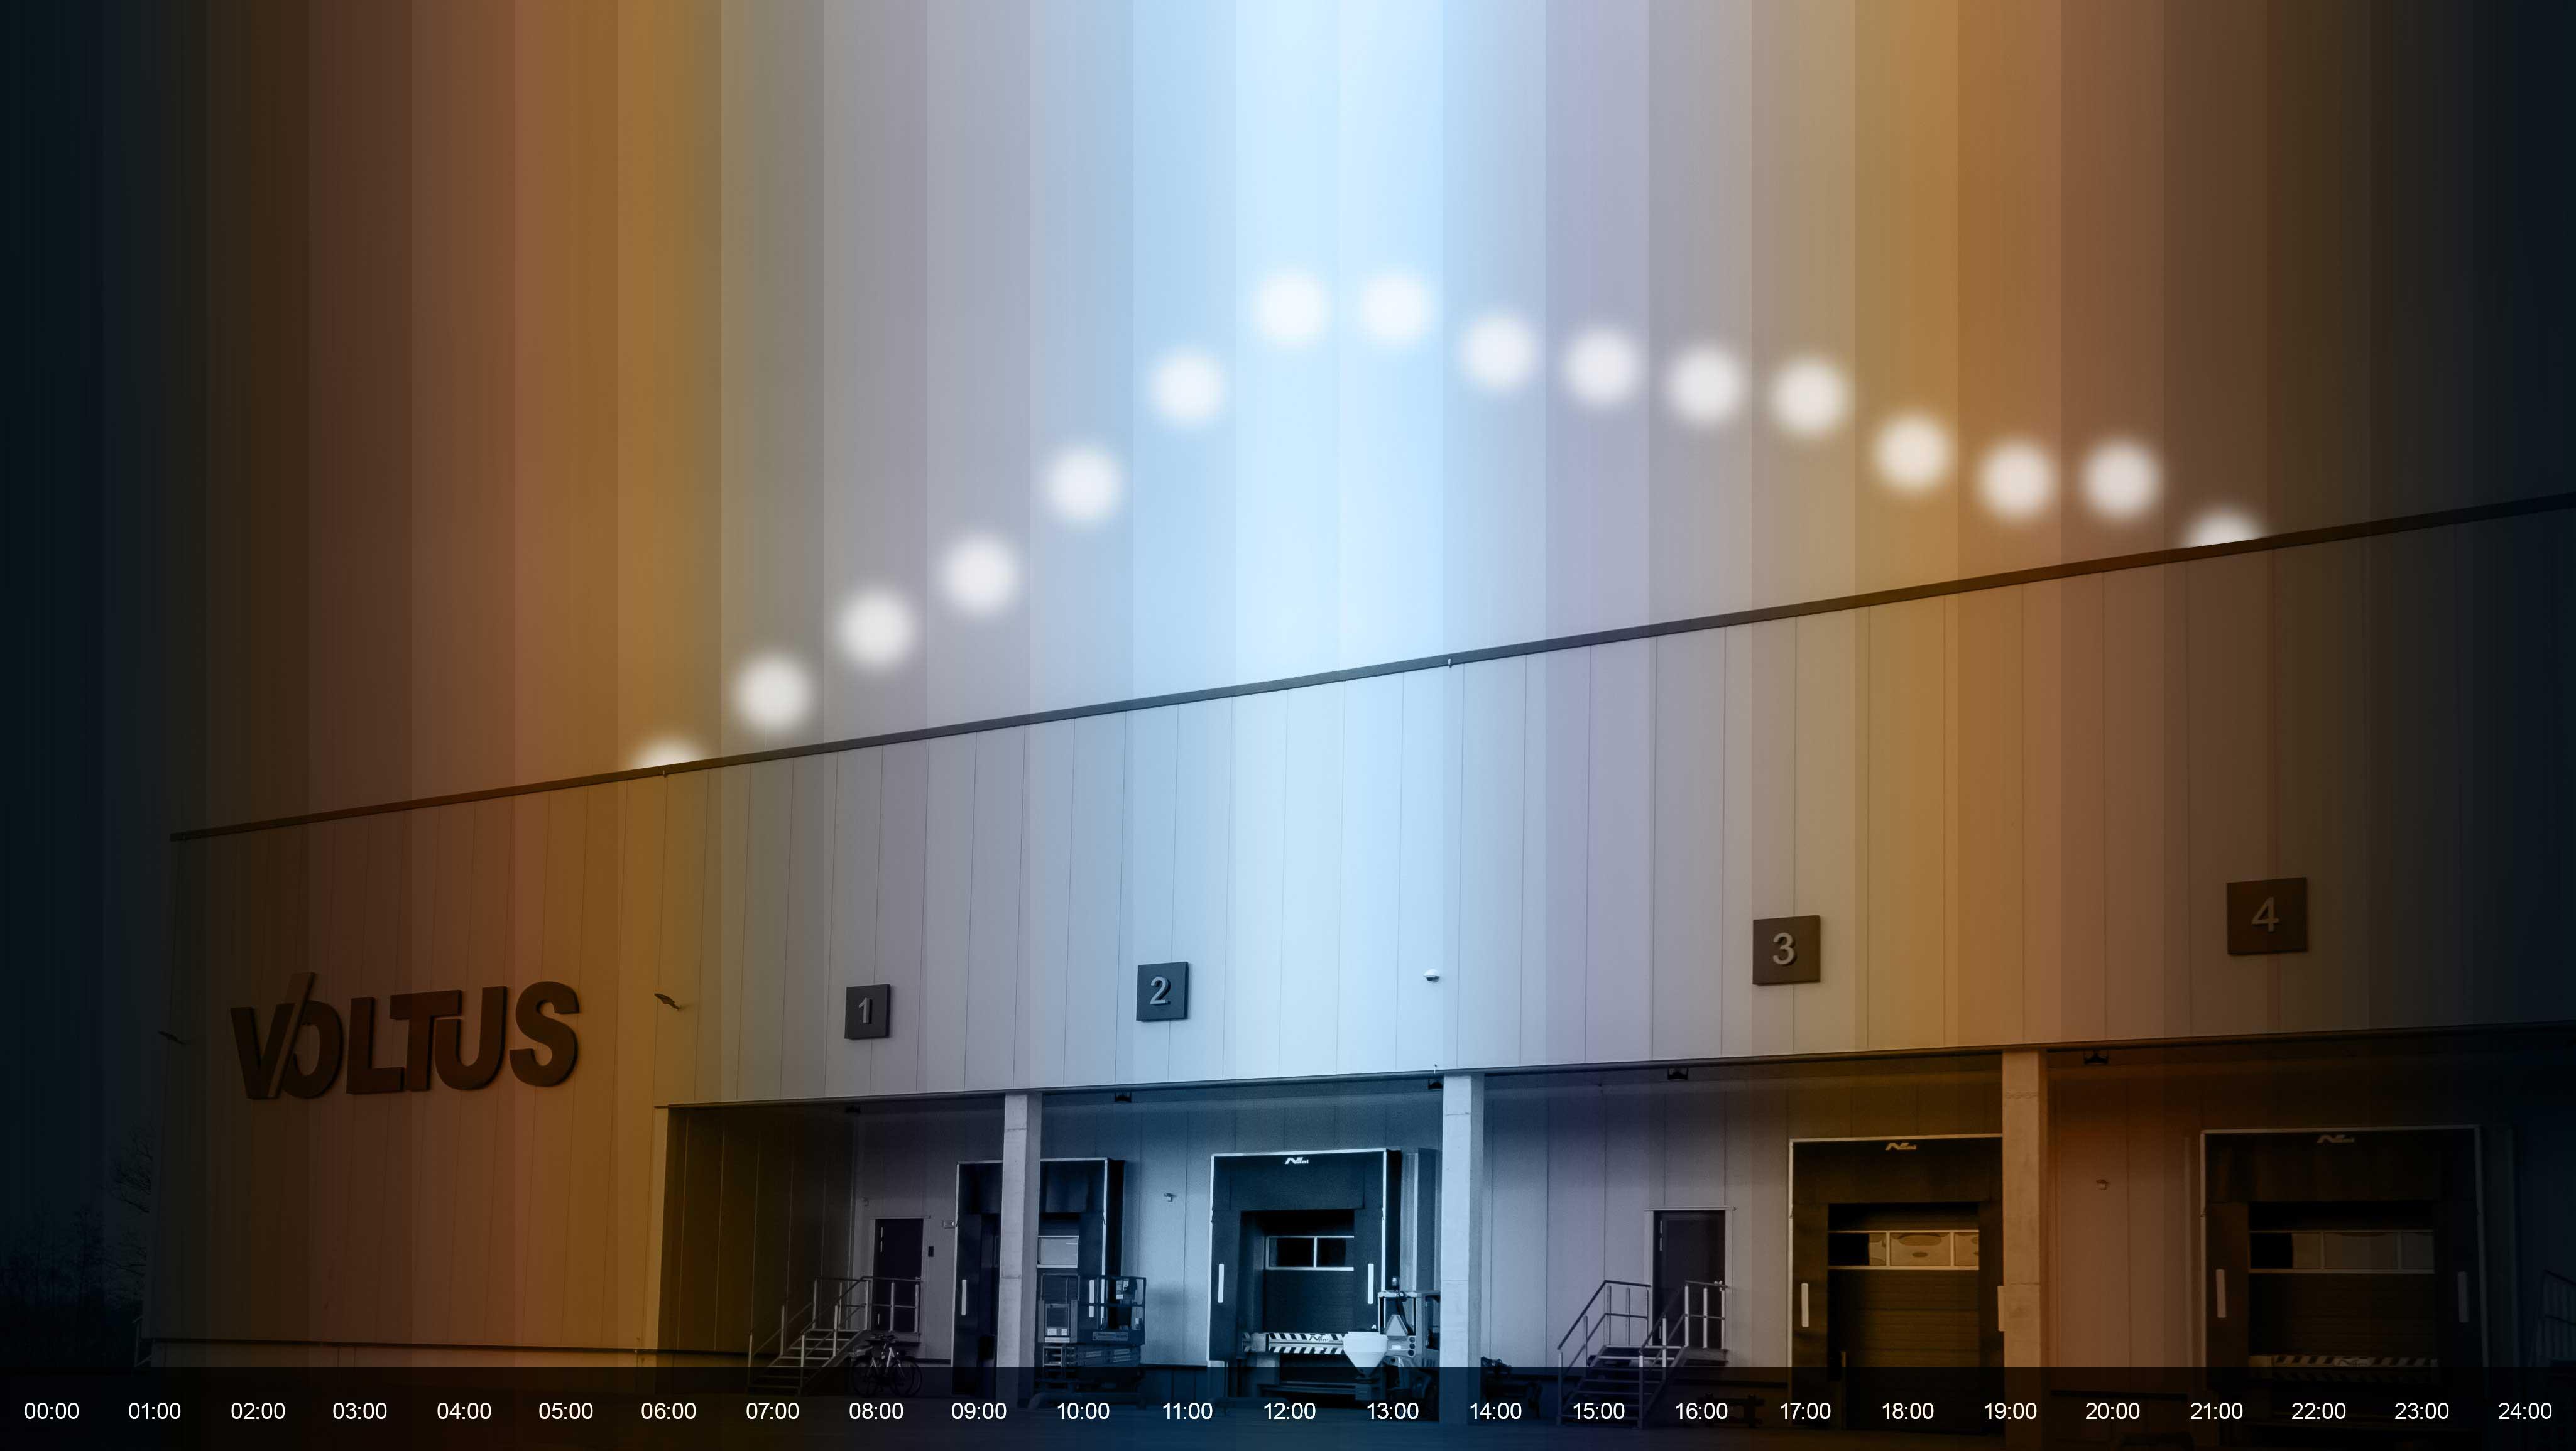 Human Centric Lighting Farbtemperaturen und Helligkeit